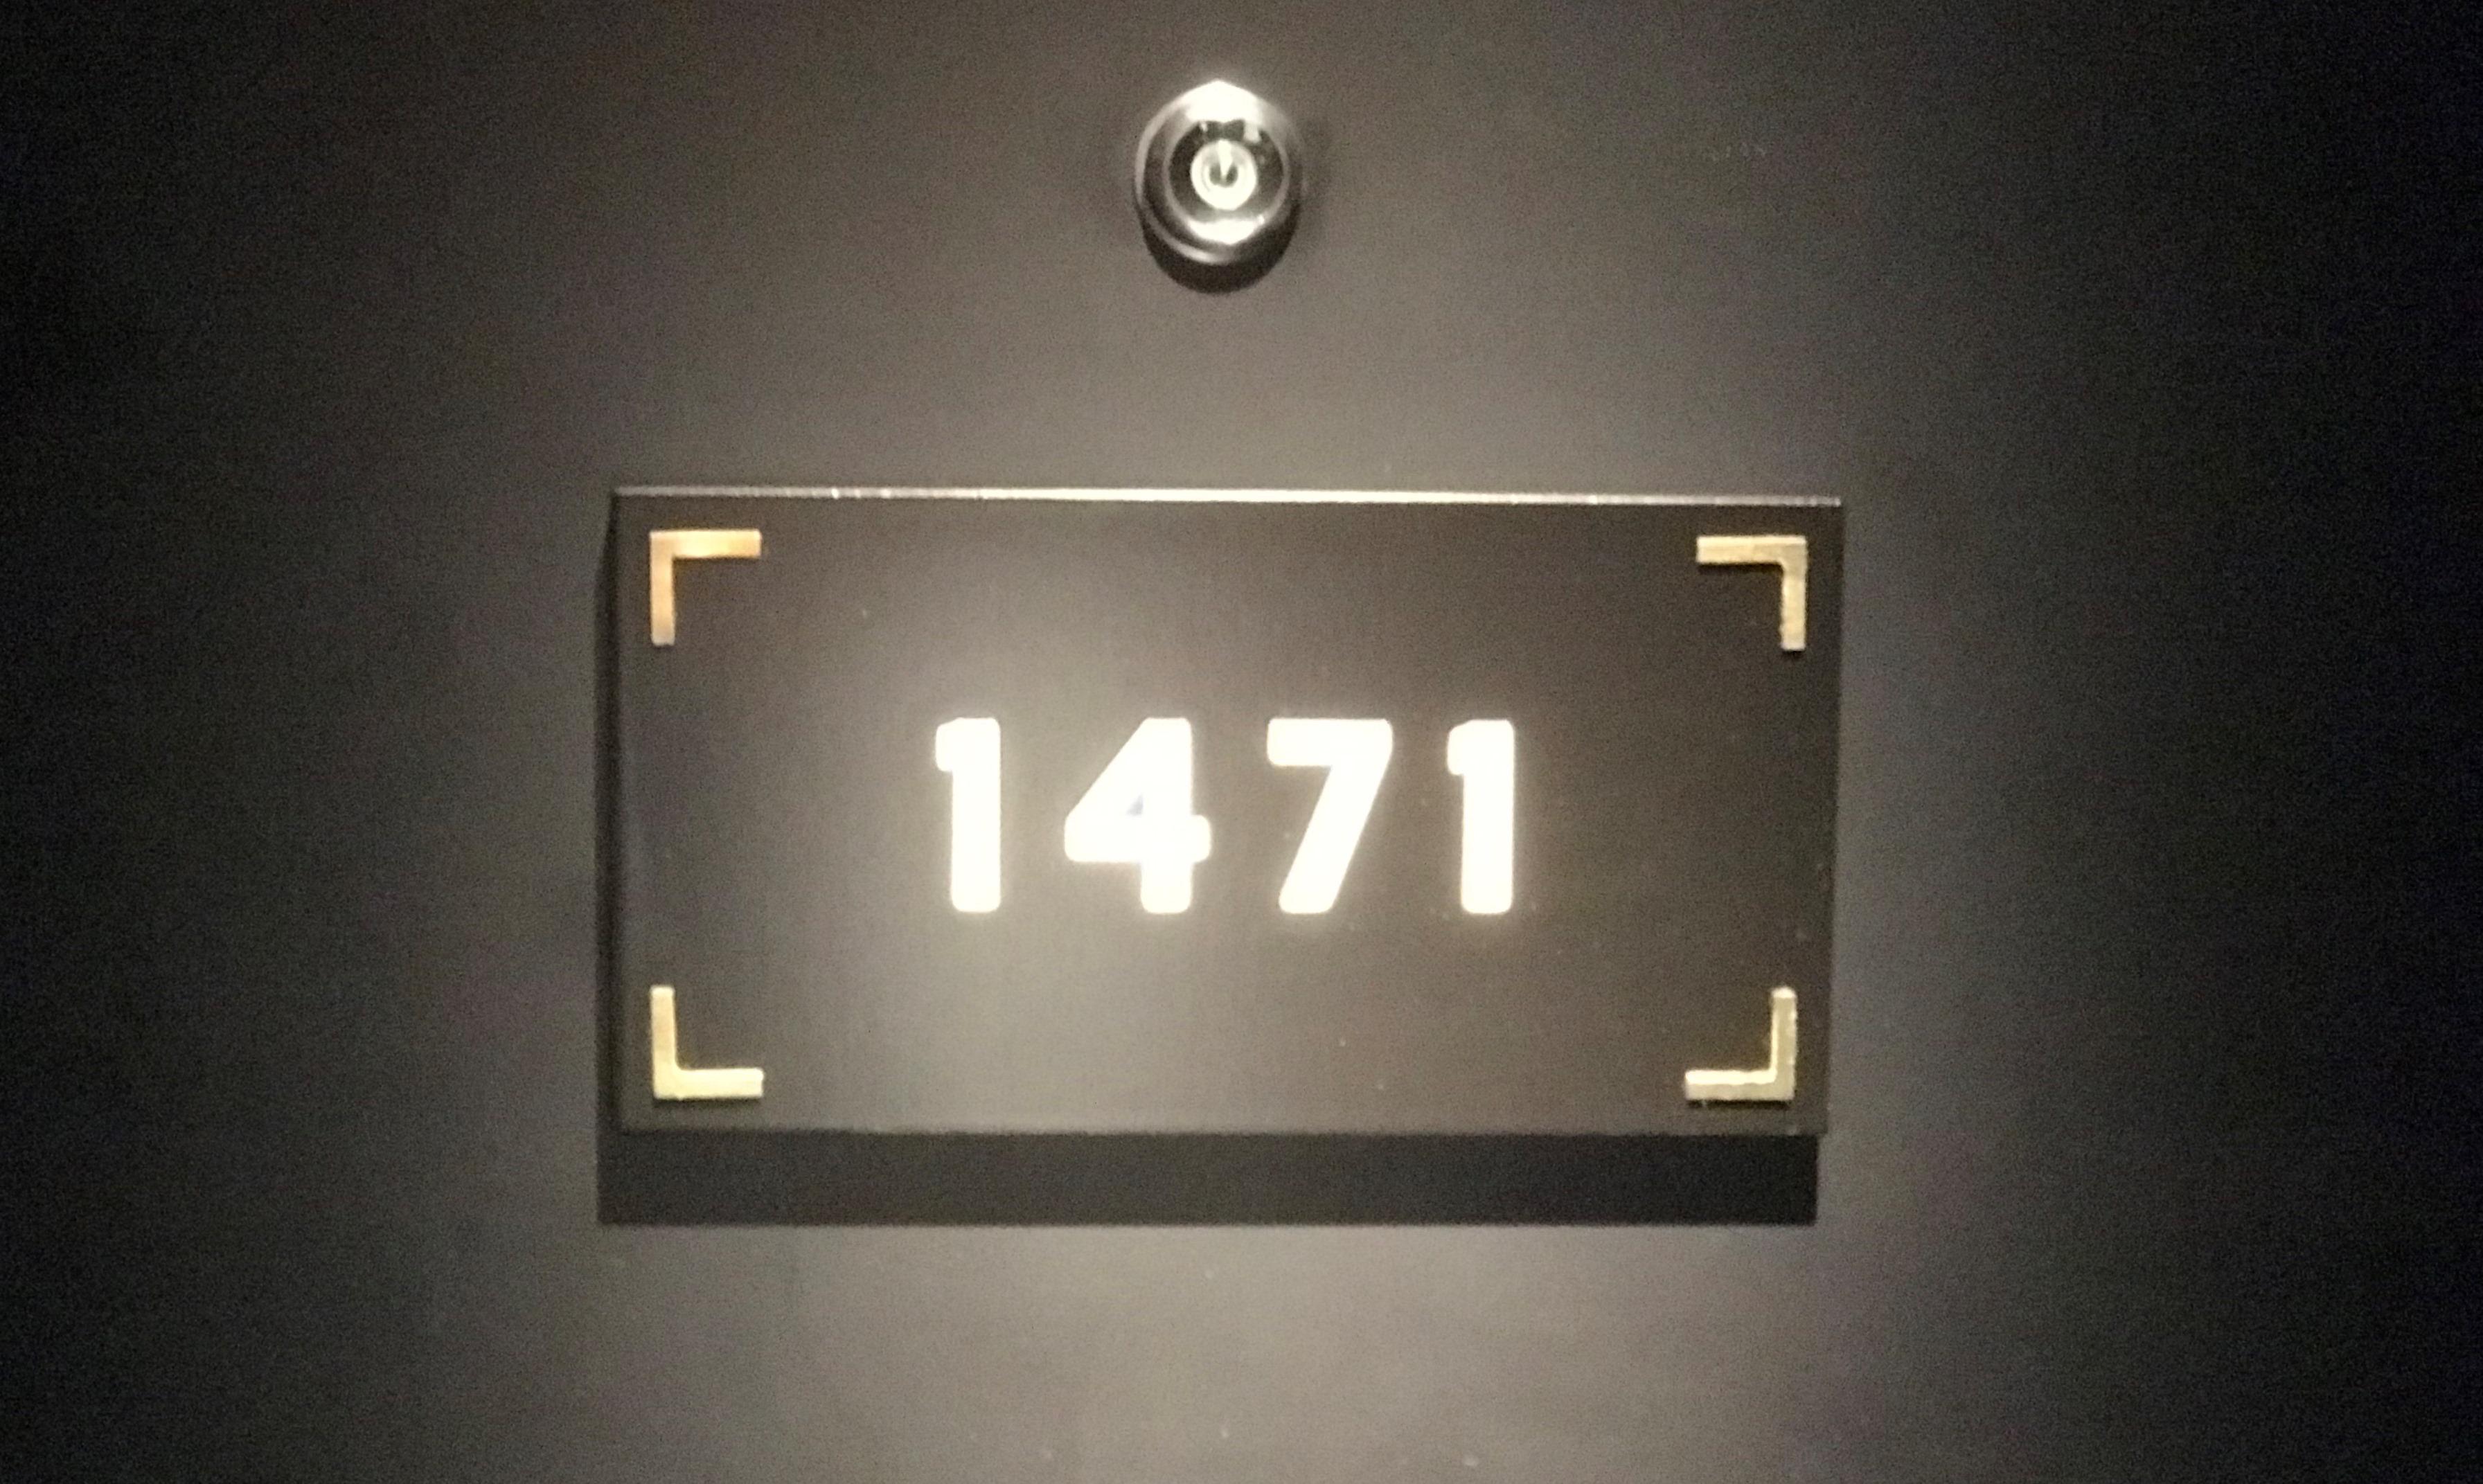 Værelse 1471 er et af de meget små standardværelser på Scandic Falkoner. (Foto: Ole Kirchert Christensen)